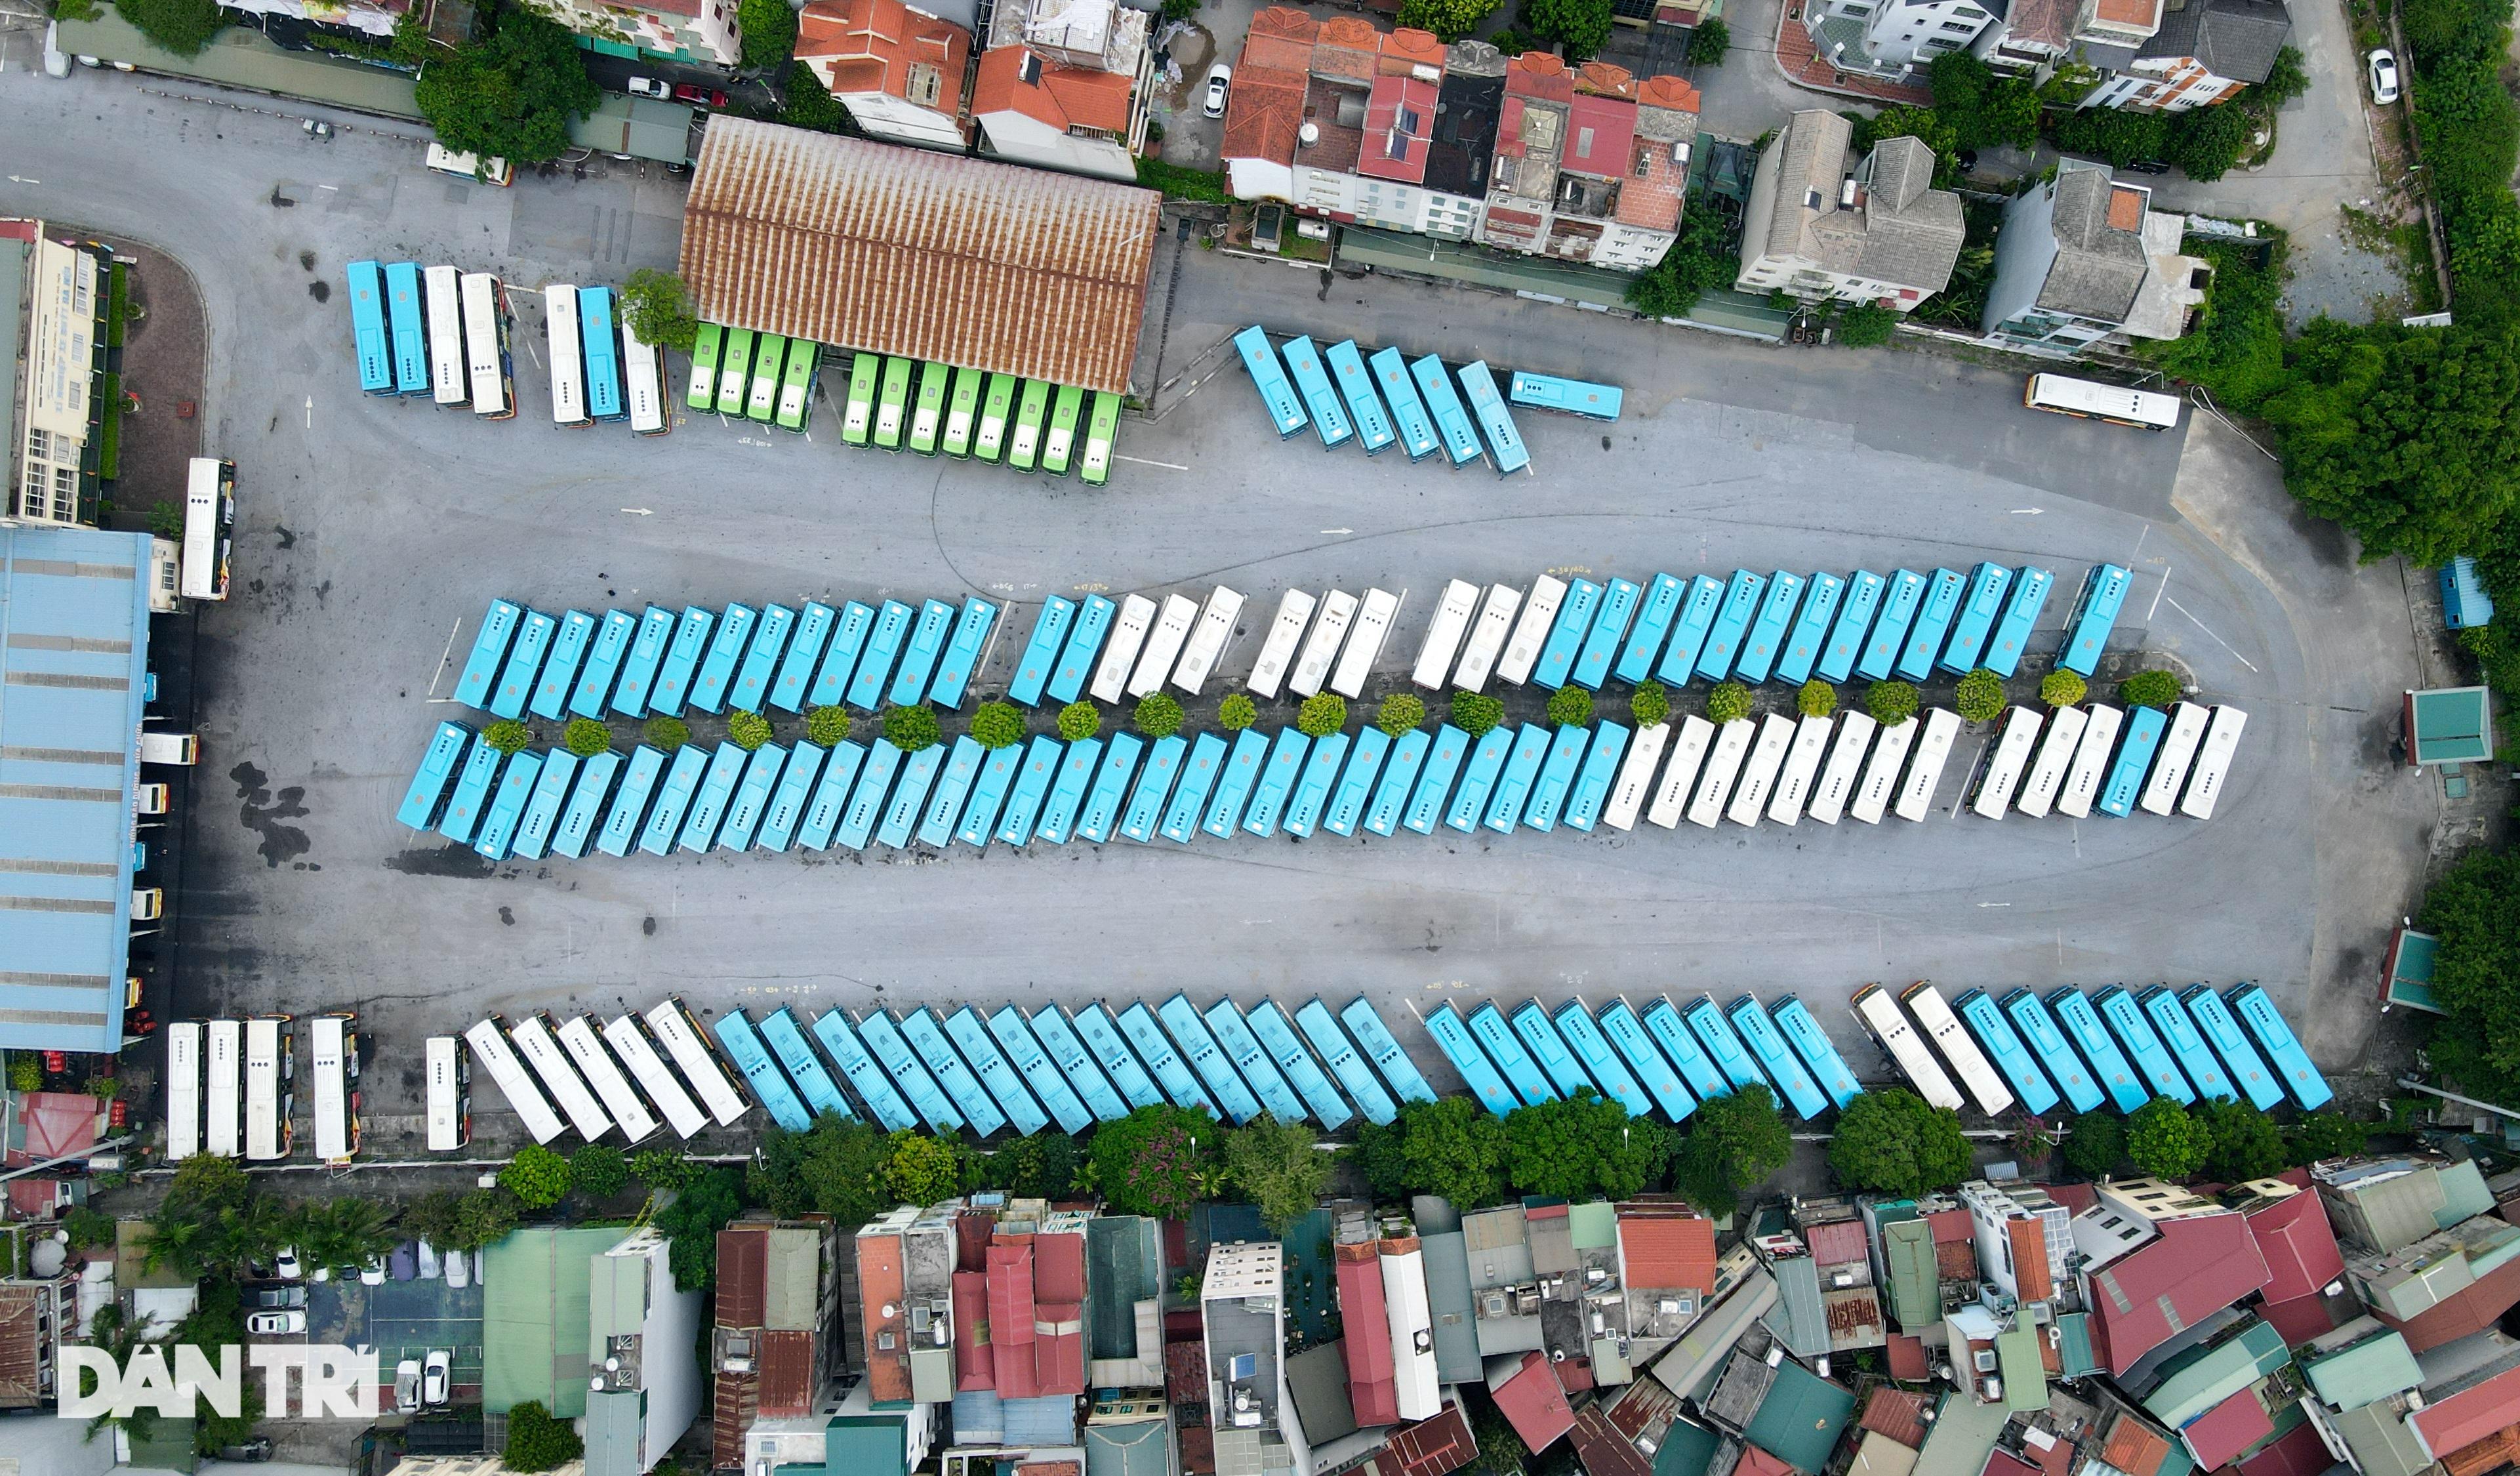 Hà Nội: Hàng nghìn ôtô nằm phơi nắng dầm mưa vì giãn cách xã hội - 1